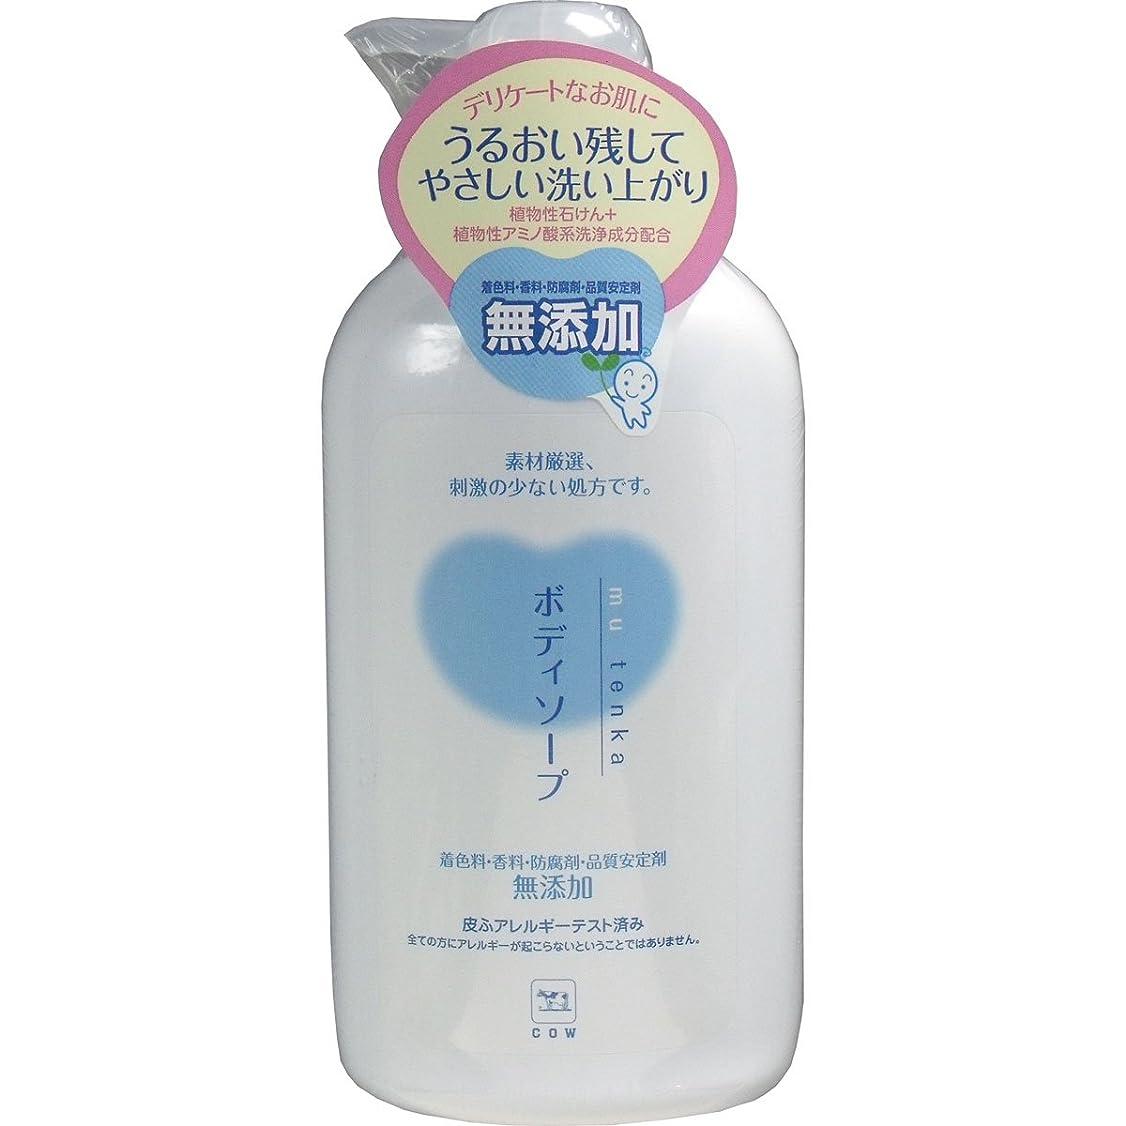 ビジネスアパル清める牛乳石鹸共進社 カウブランド 無添加ボディソープ ポンプ 550ml 本体 ×12点セット (4901525929707)